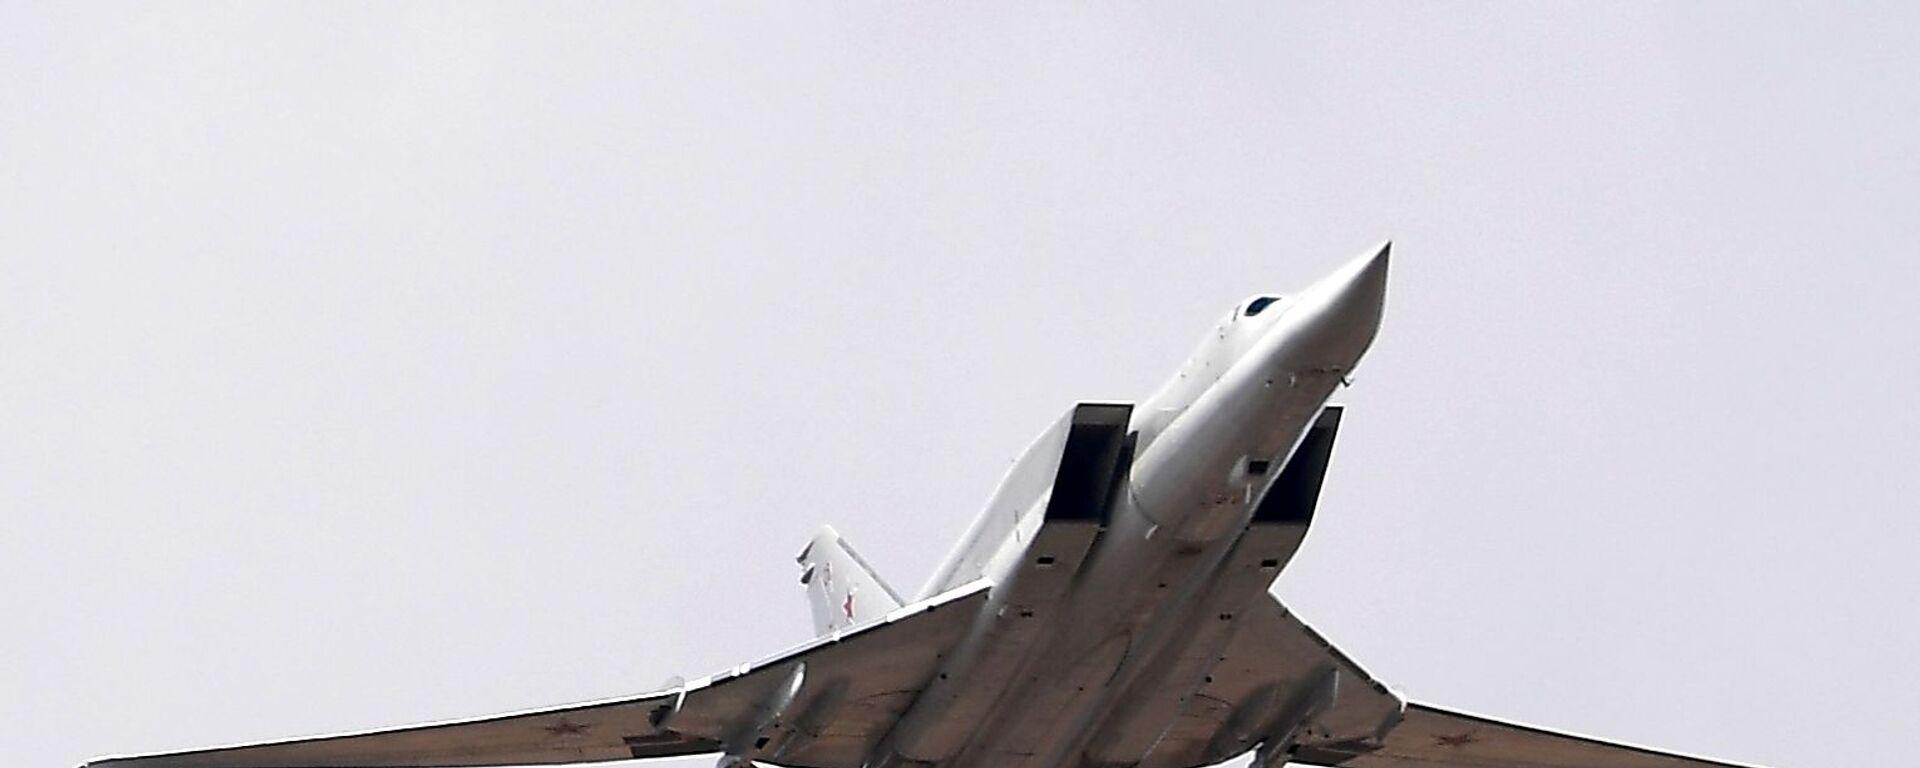 Дальний ракетоносец-бомбардировщик Ту-22М3, архивное фото - Sputnik Latvija, 1920, 21.11.2019